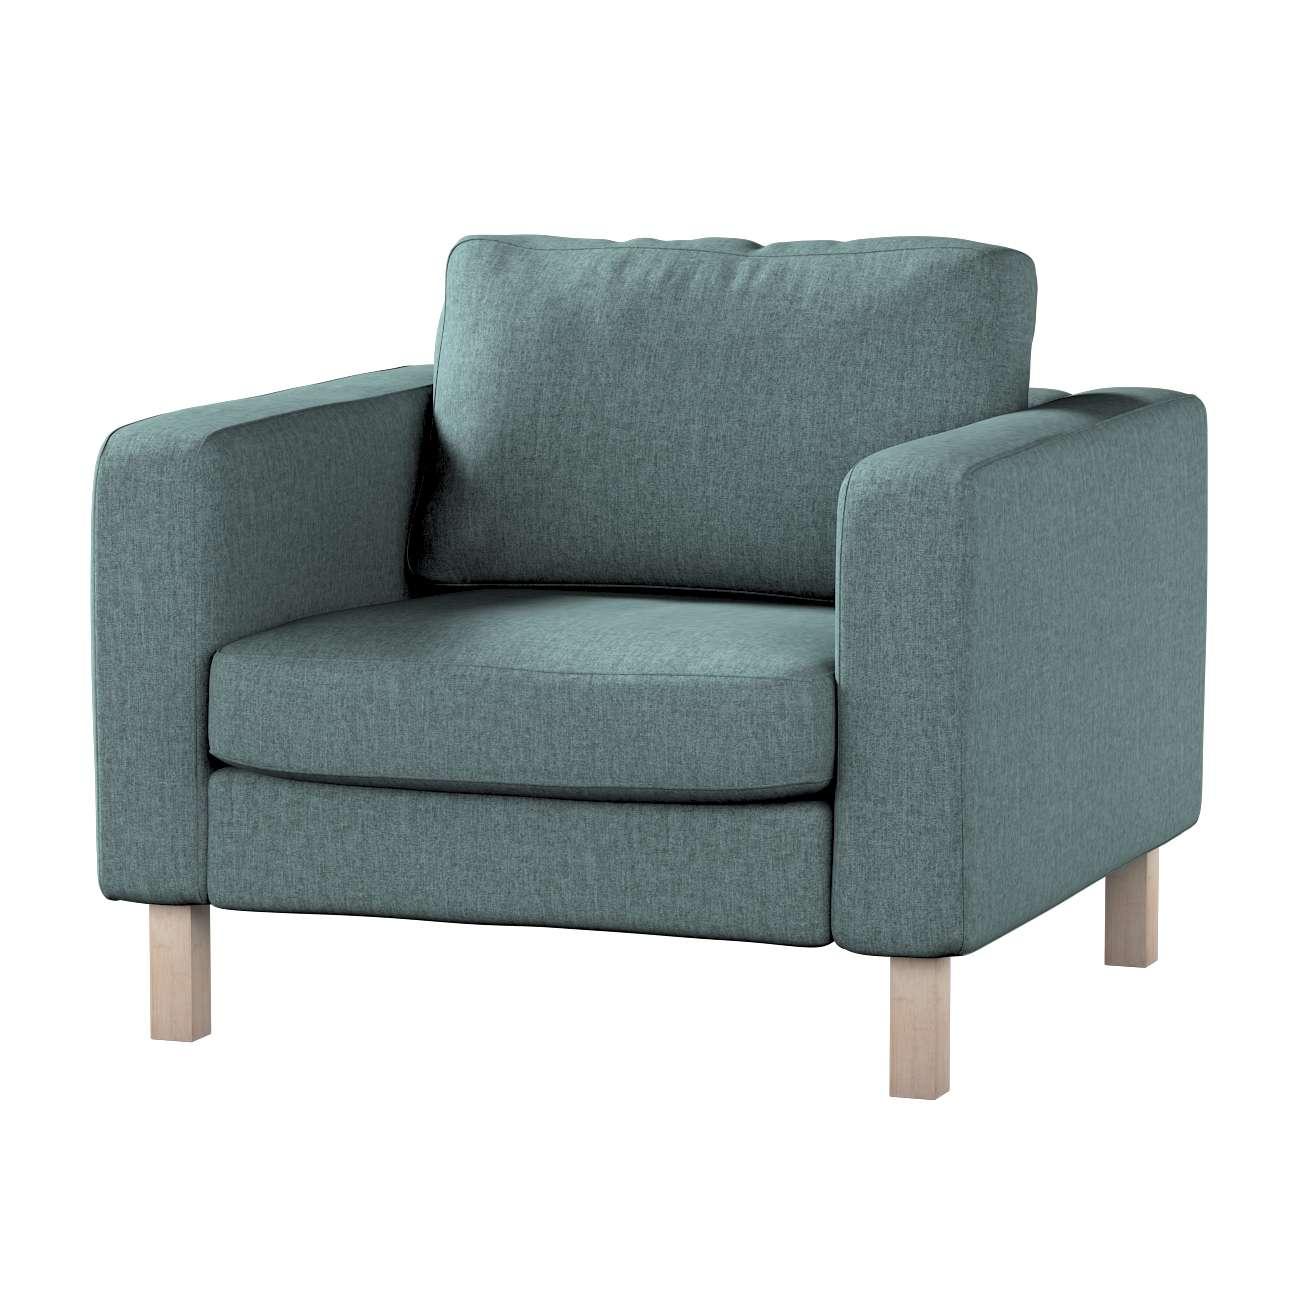 Pokrowiec na fotel Karlstad, krótki w kolekcji City, tkanina: 704-85